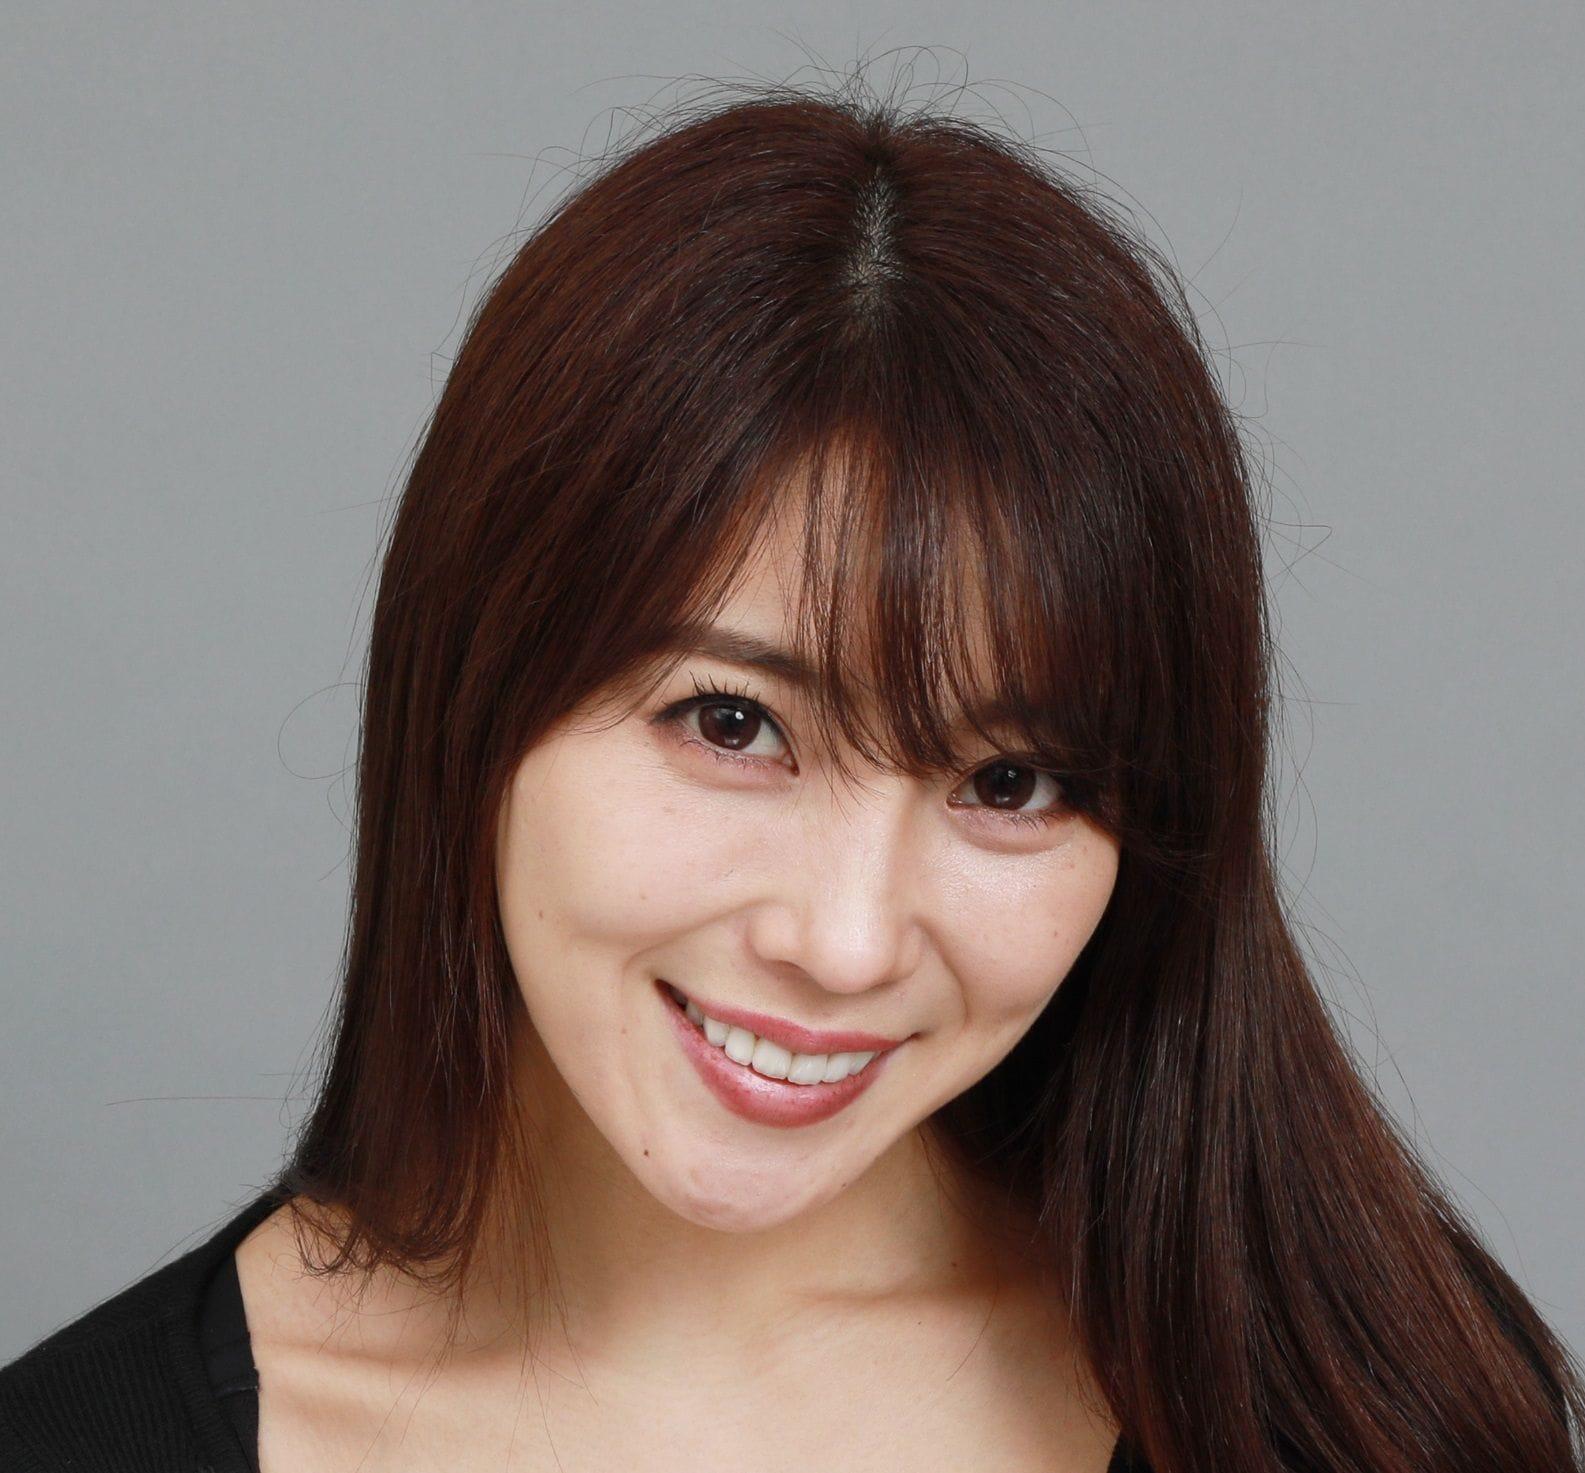 ほのか、祥子、森咲智美、天童なこ、倉持由香「有馬記念での注目馬」公開!の画像002